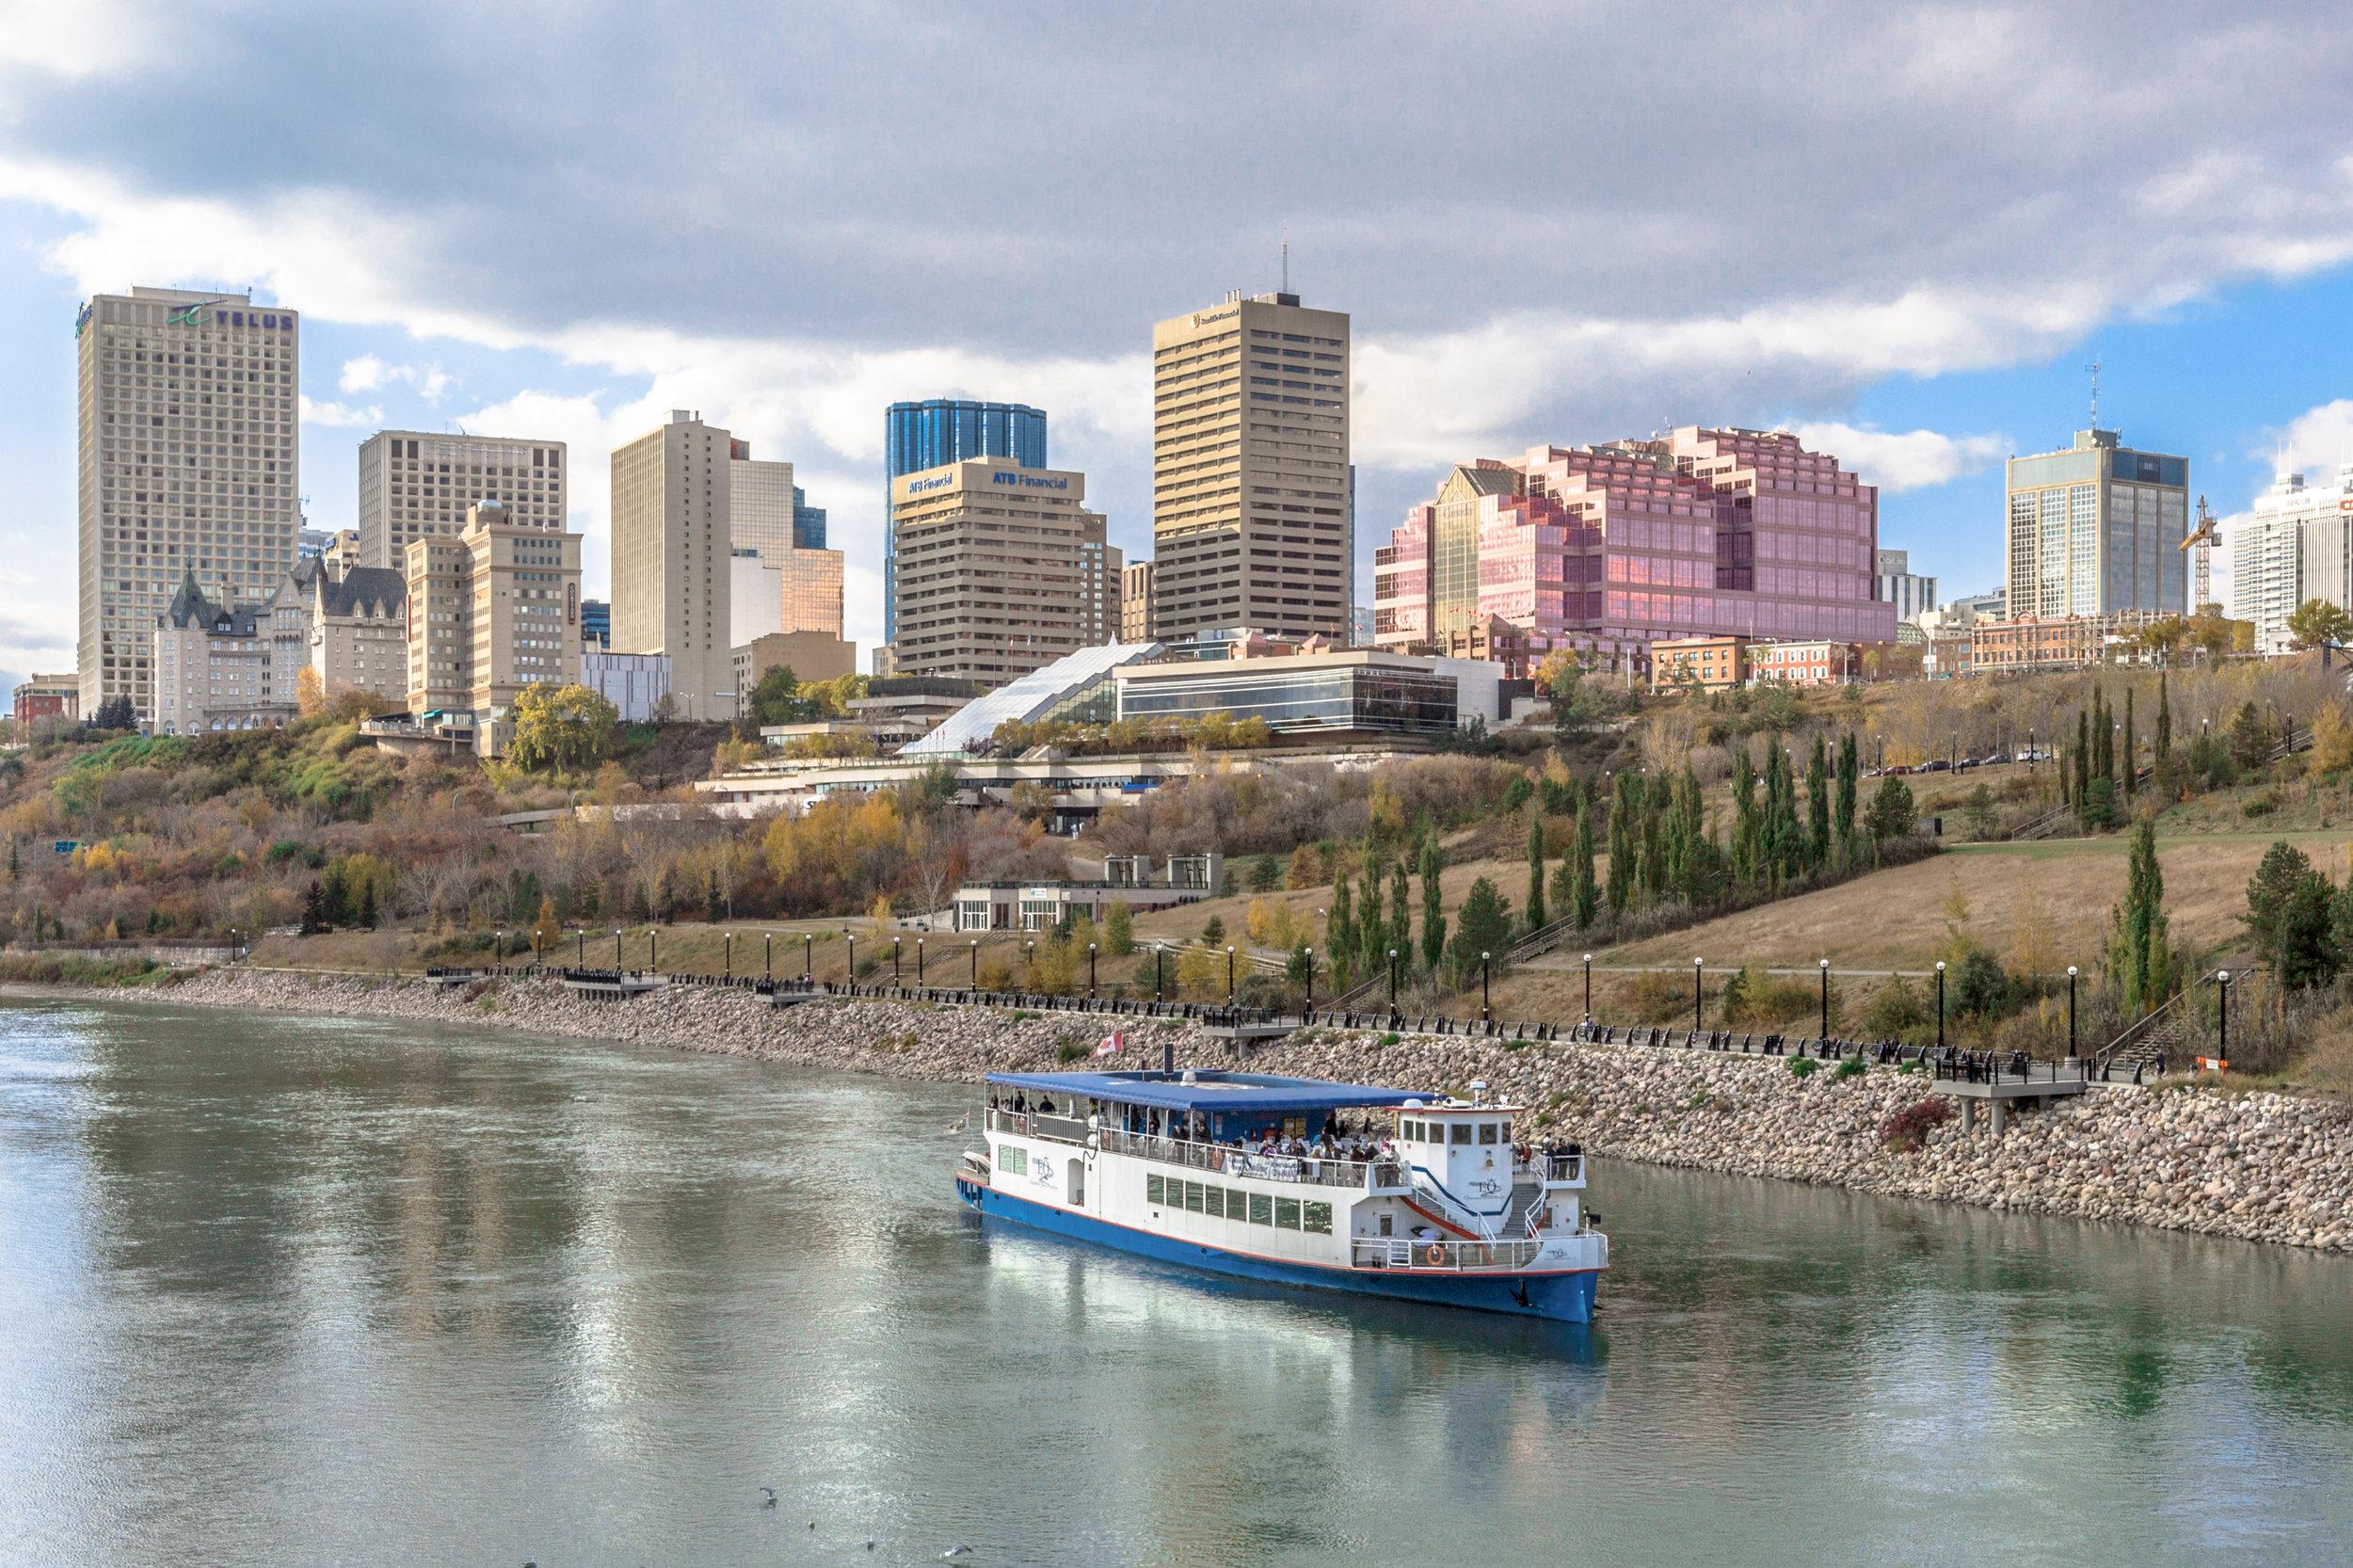 Edmonton_002_IQRemix_Flickr.jpg